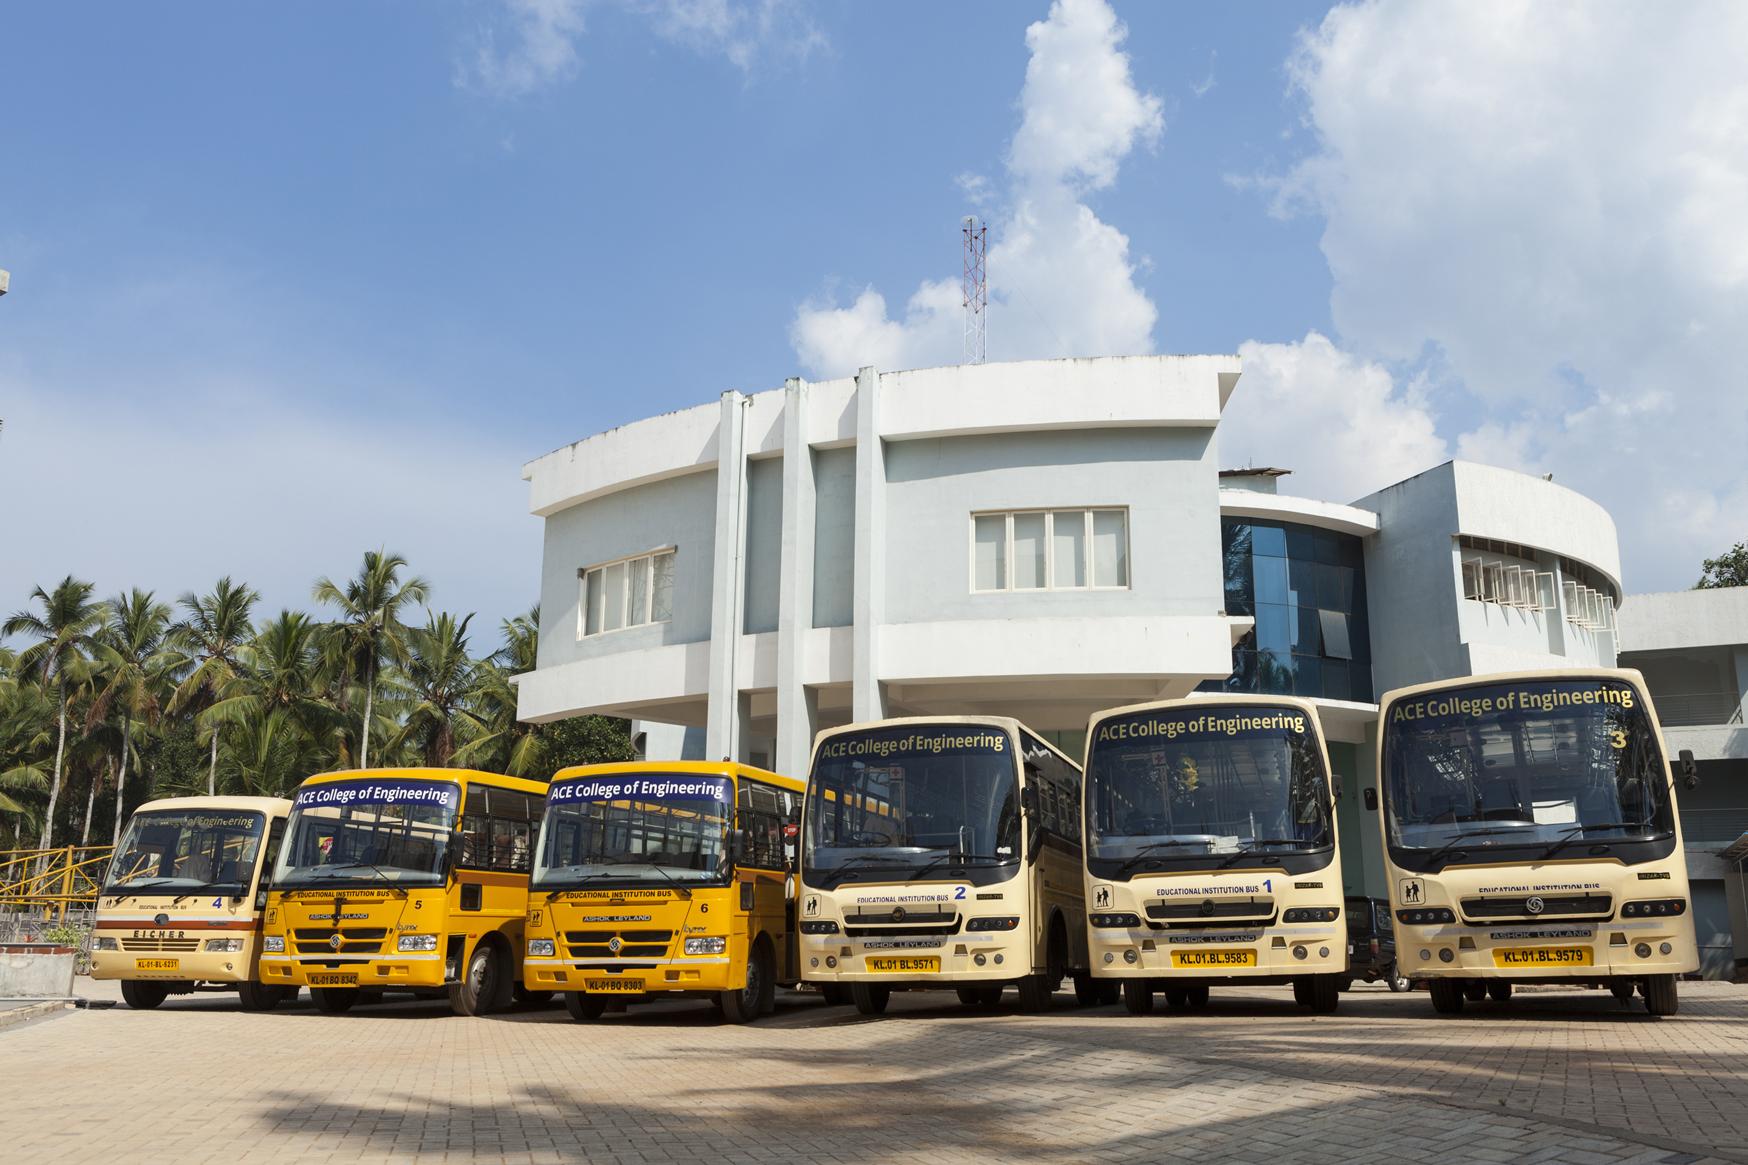 063 college bus